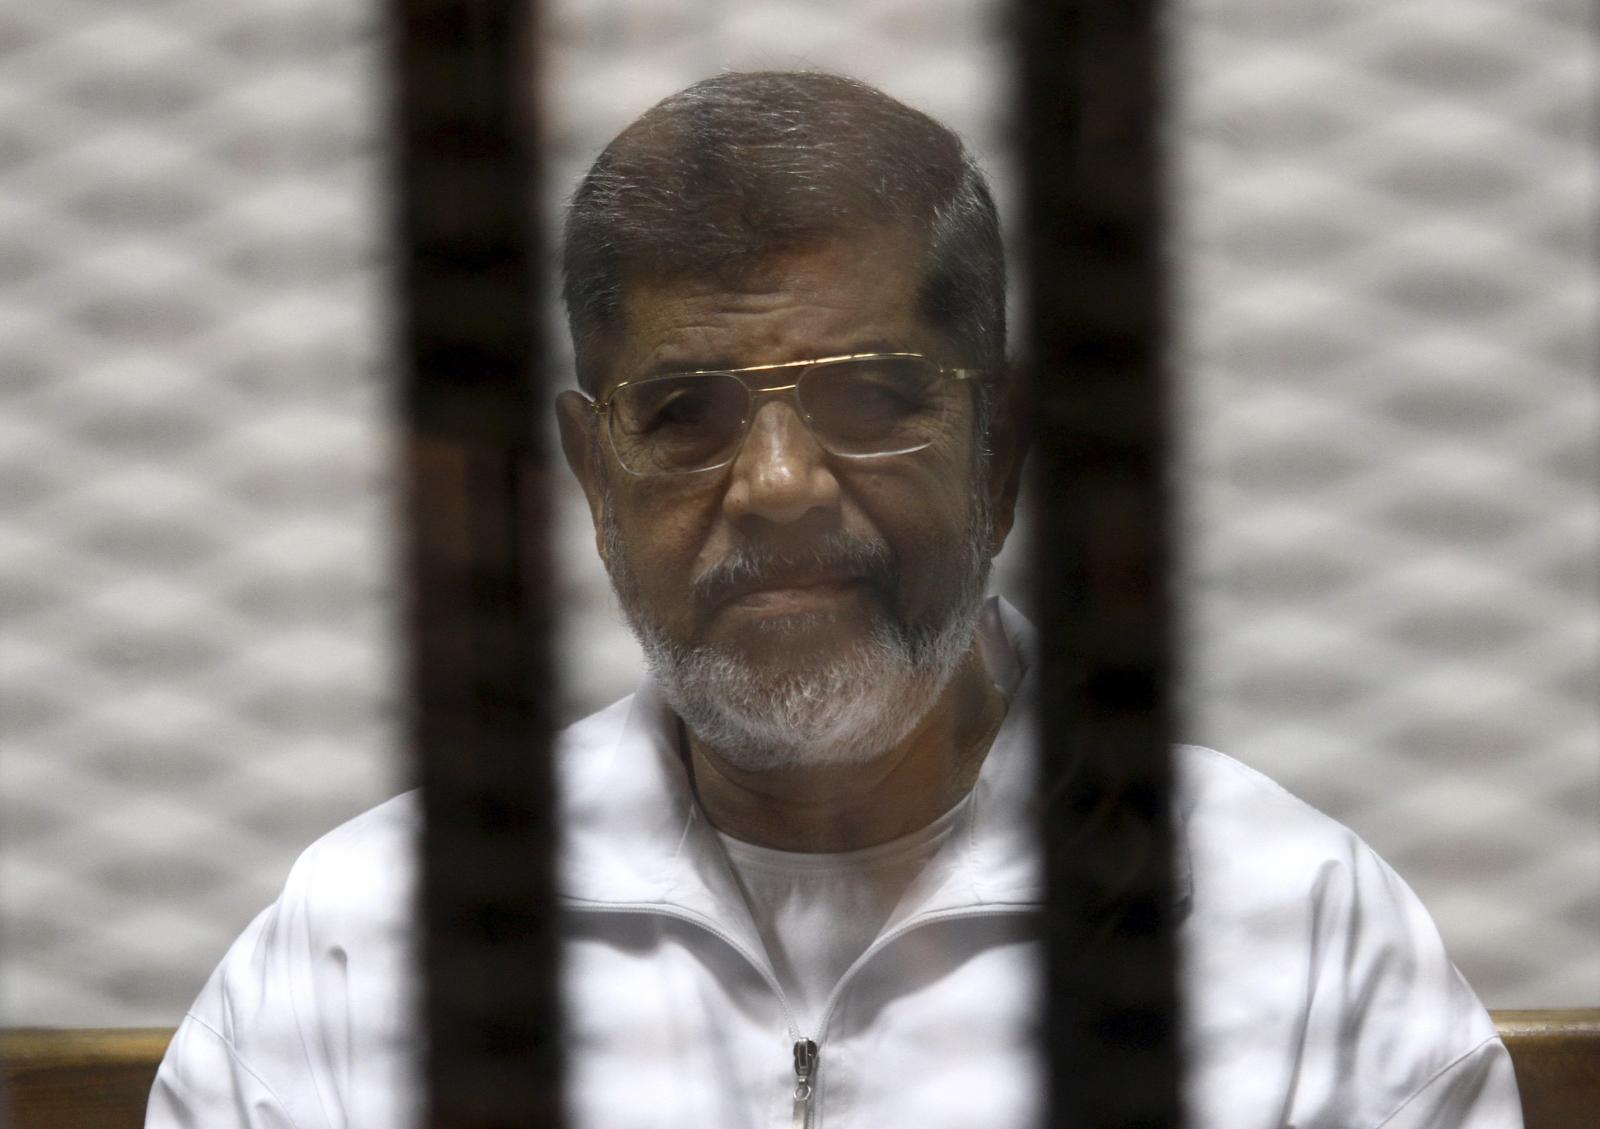 Mohammed Morsi Jailed Egypt